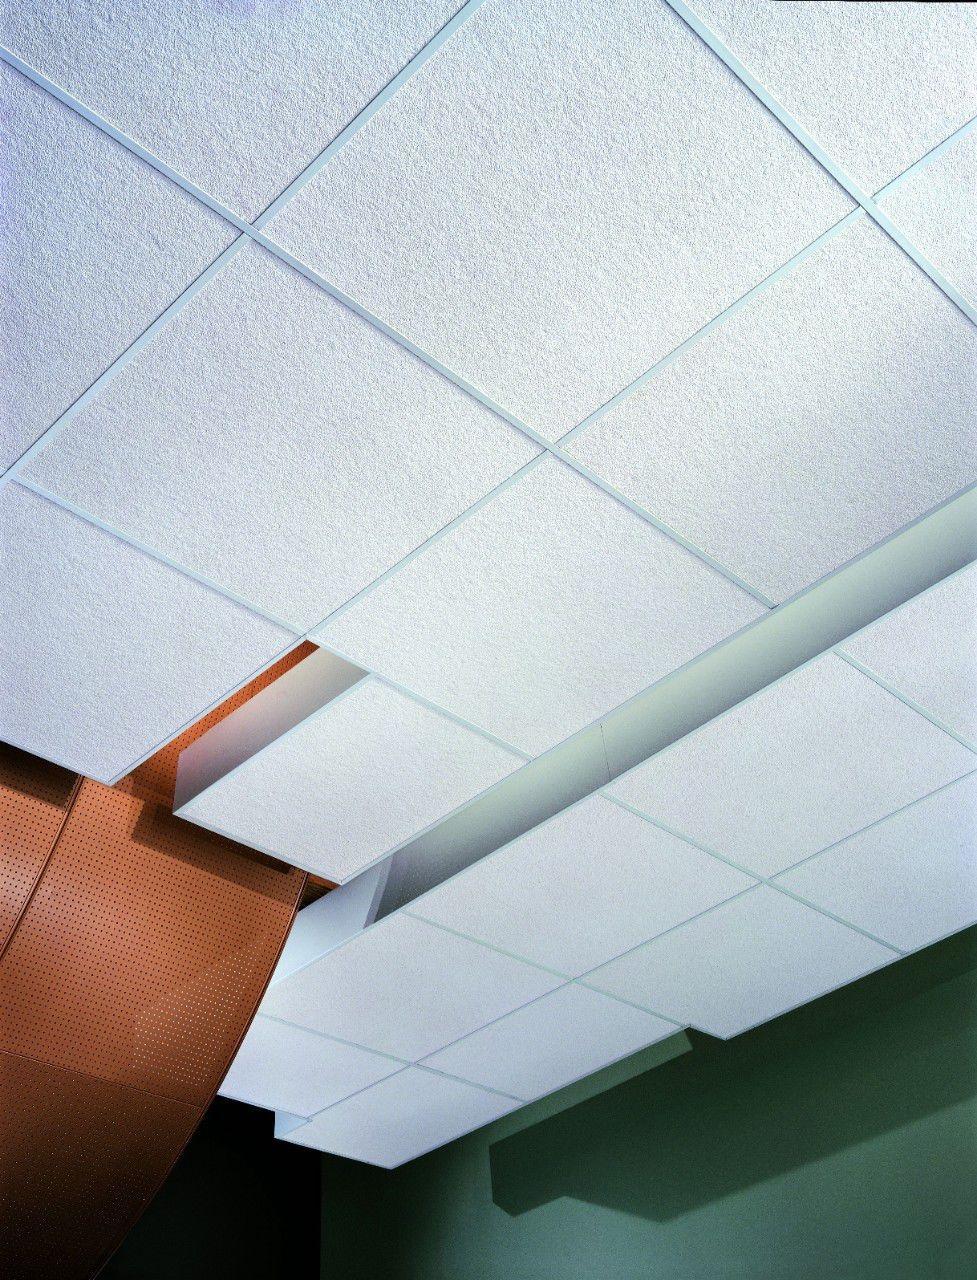 Usg 3d Ceiling Tiles